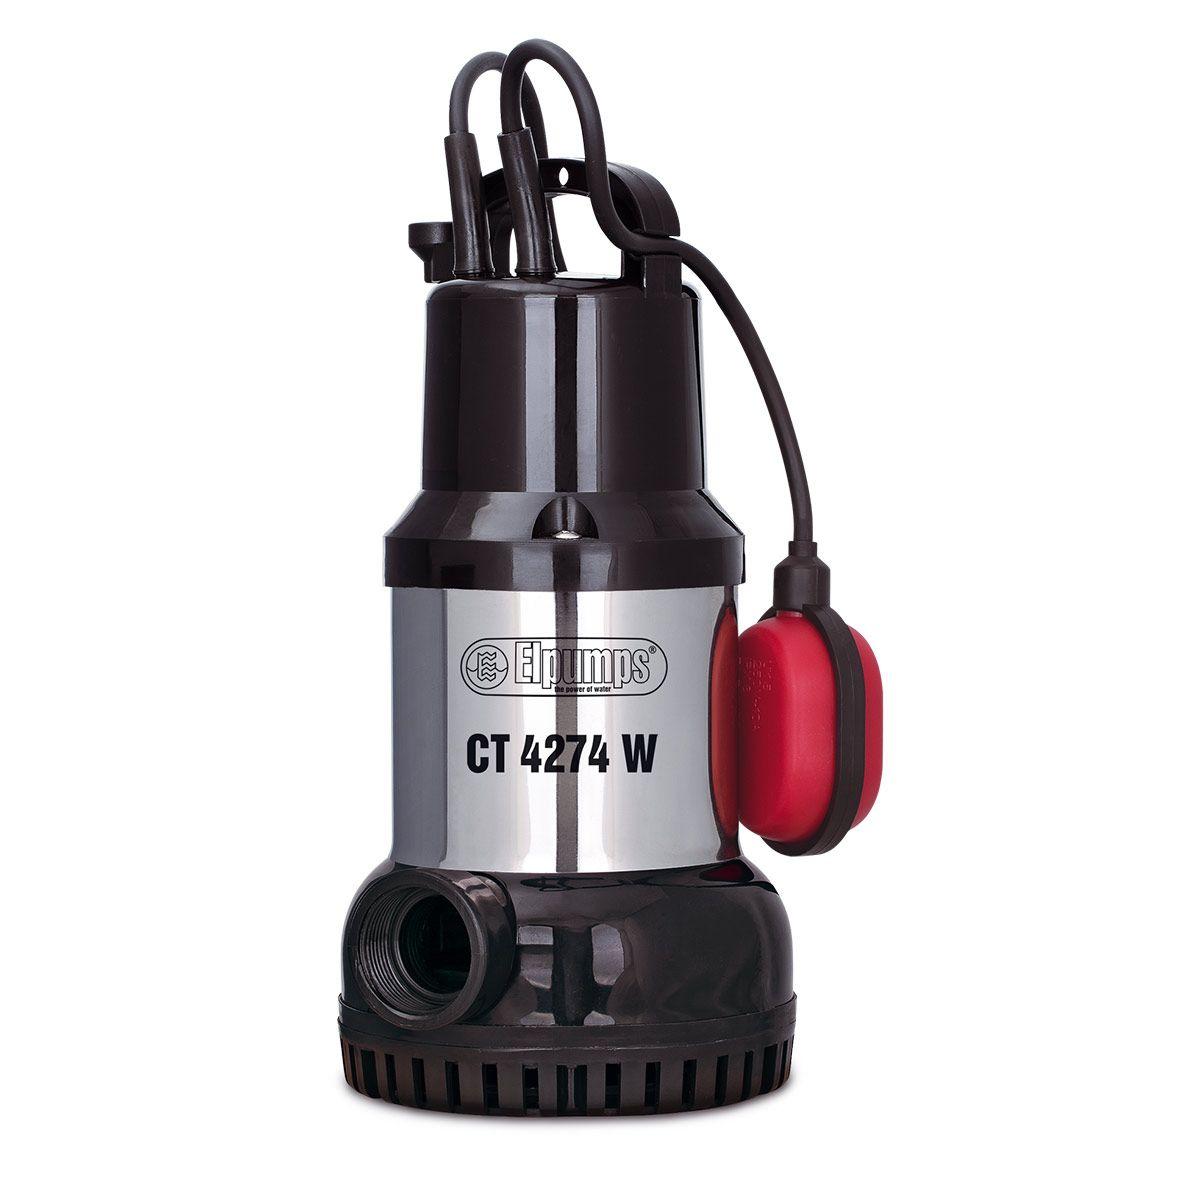 Klarwasserpumpe CT 3274 W